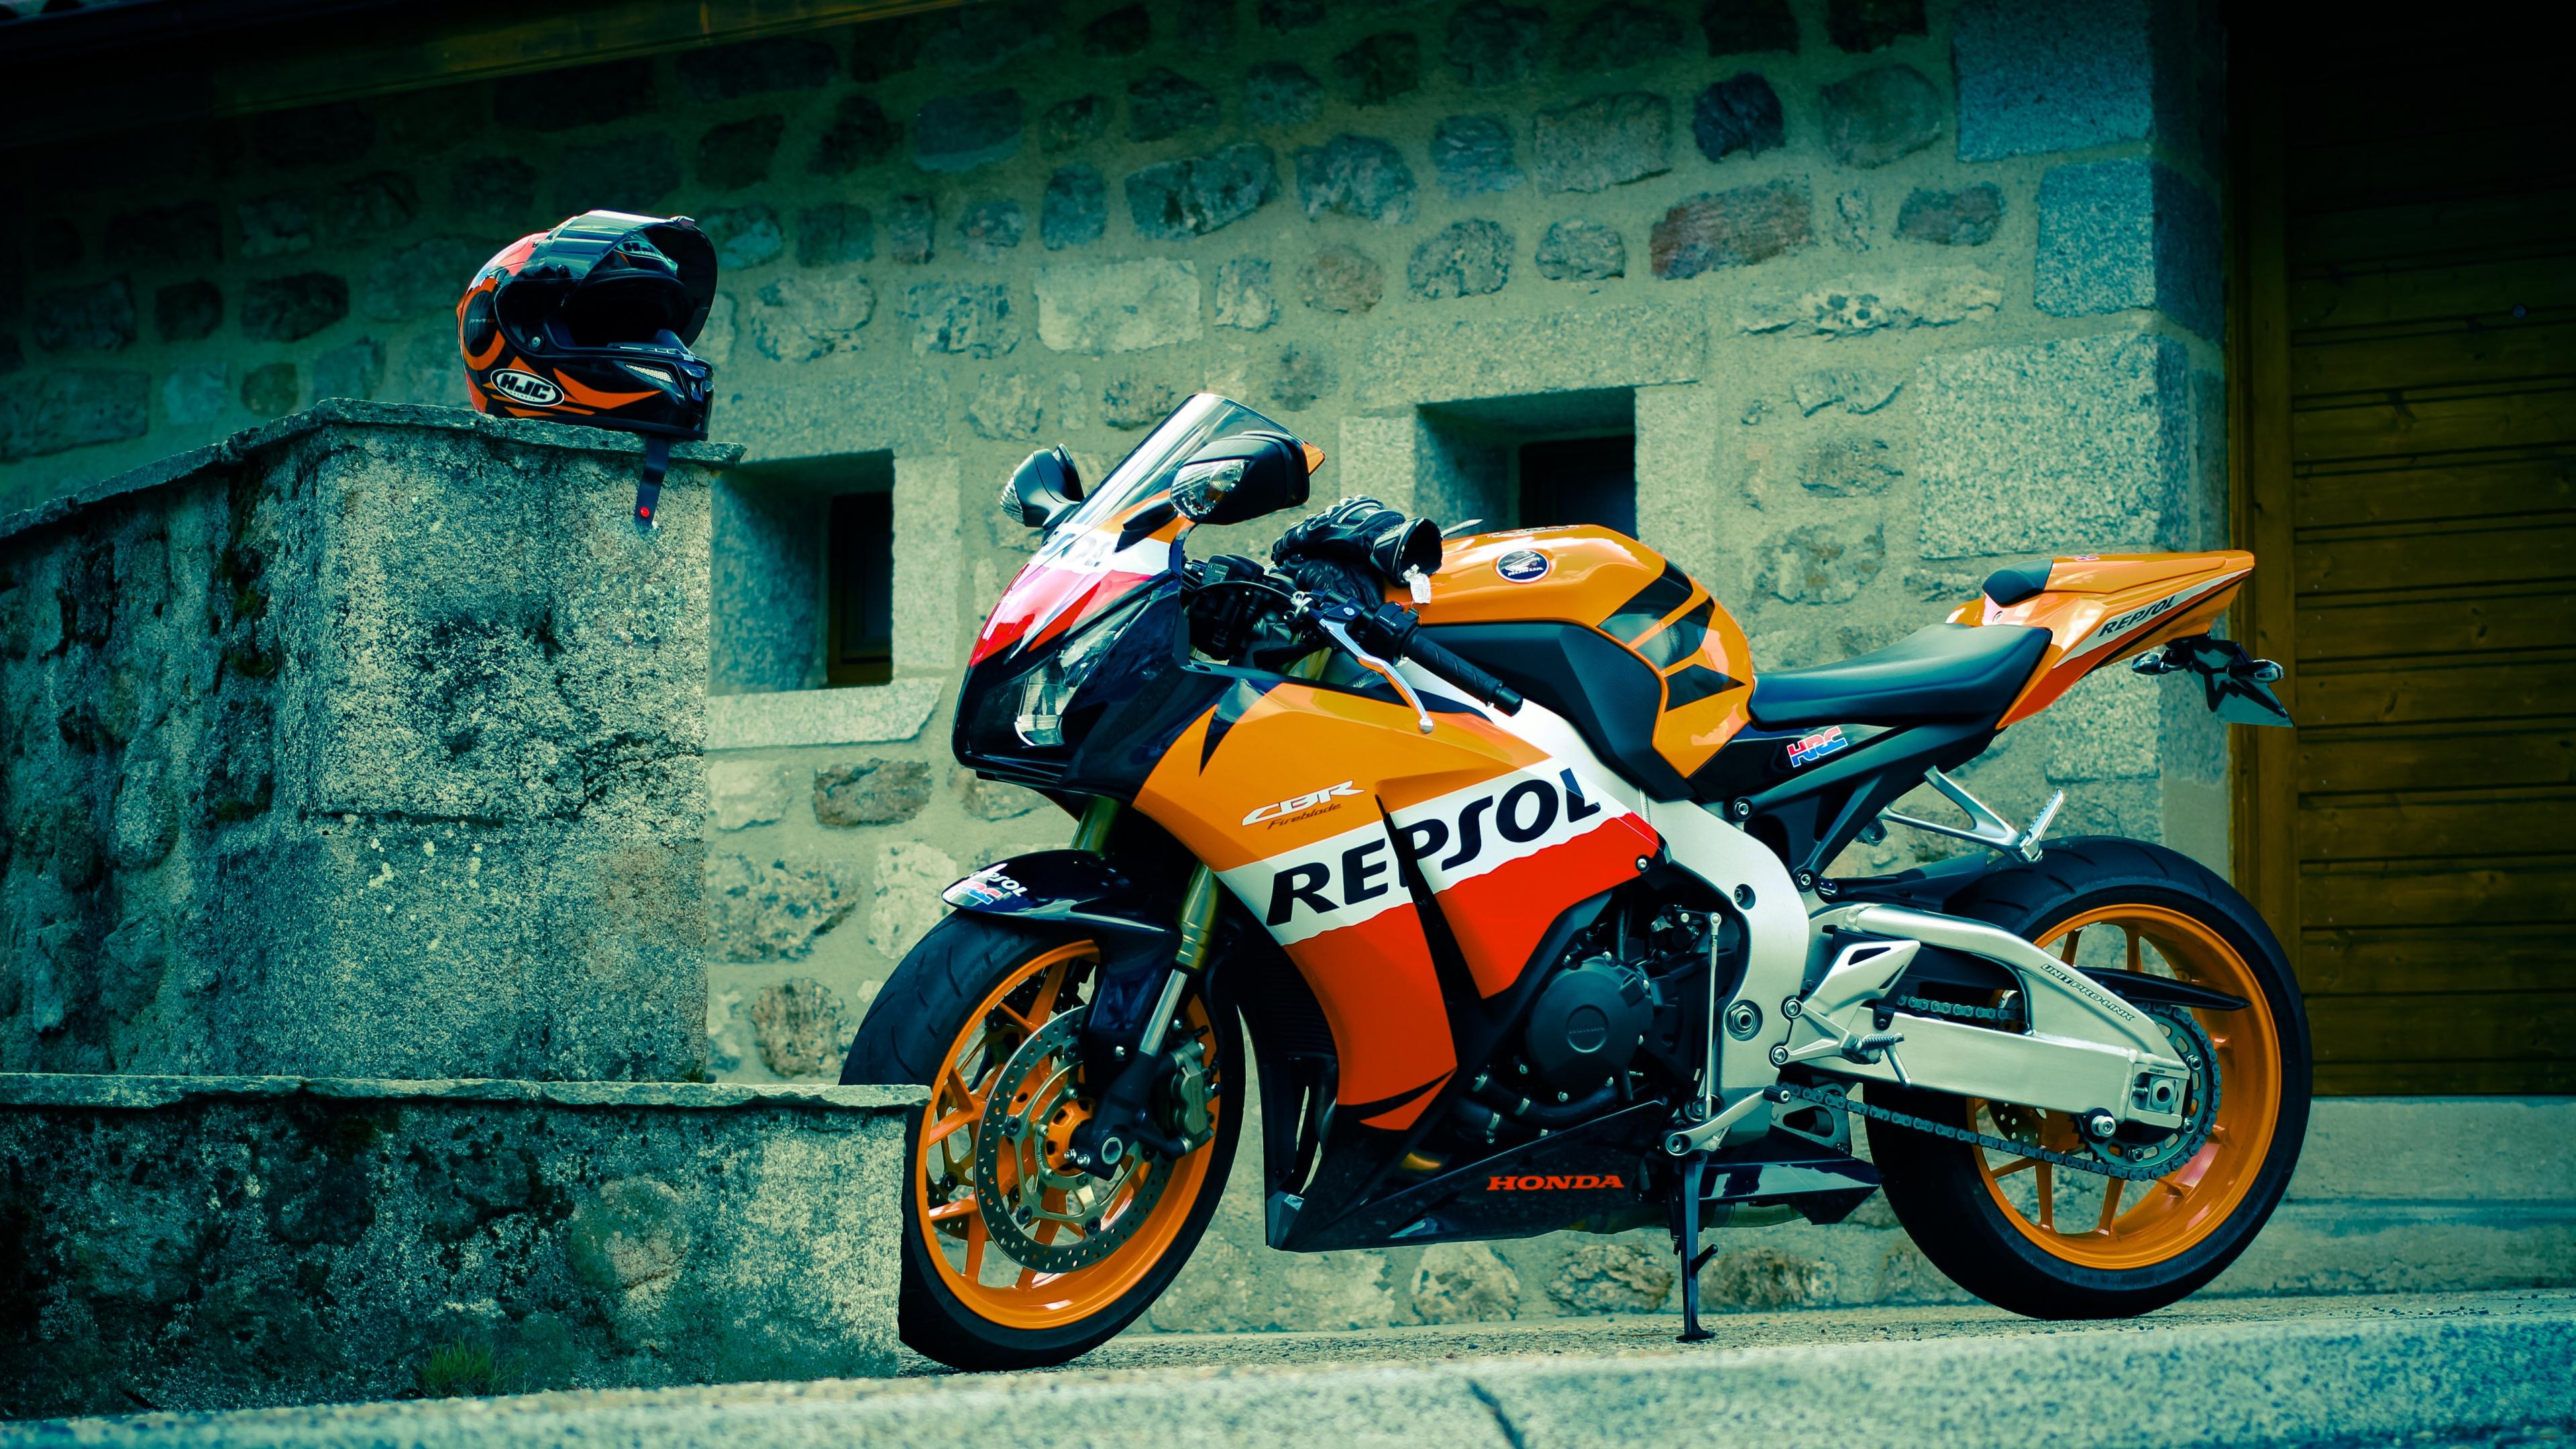 Honda Cbr Repsol, HD Bikes, 4k Wallpapers, Images